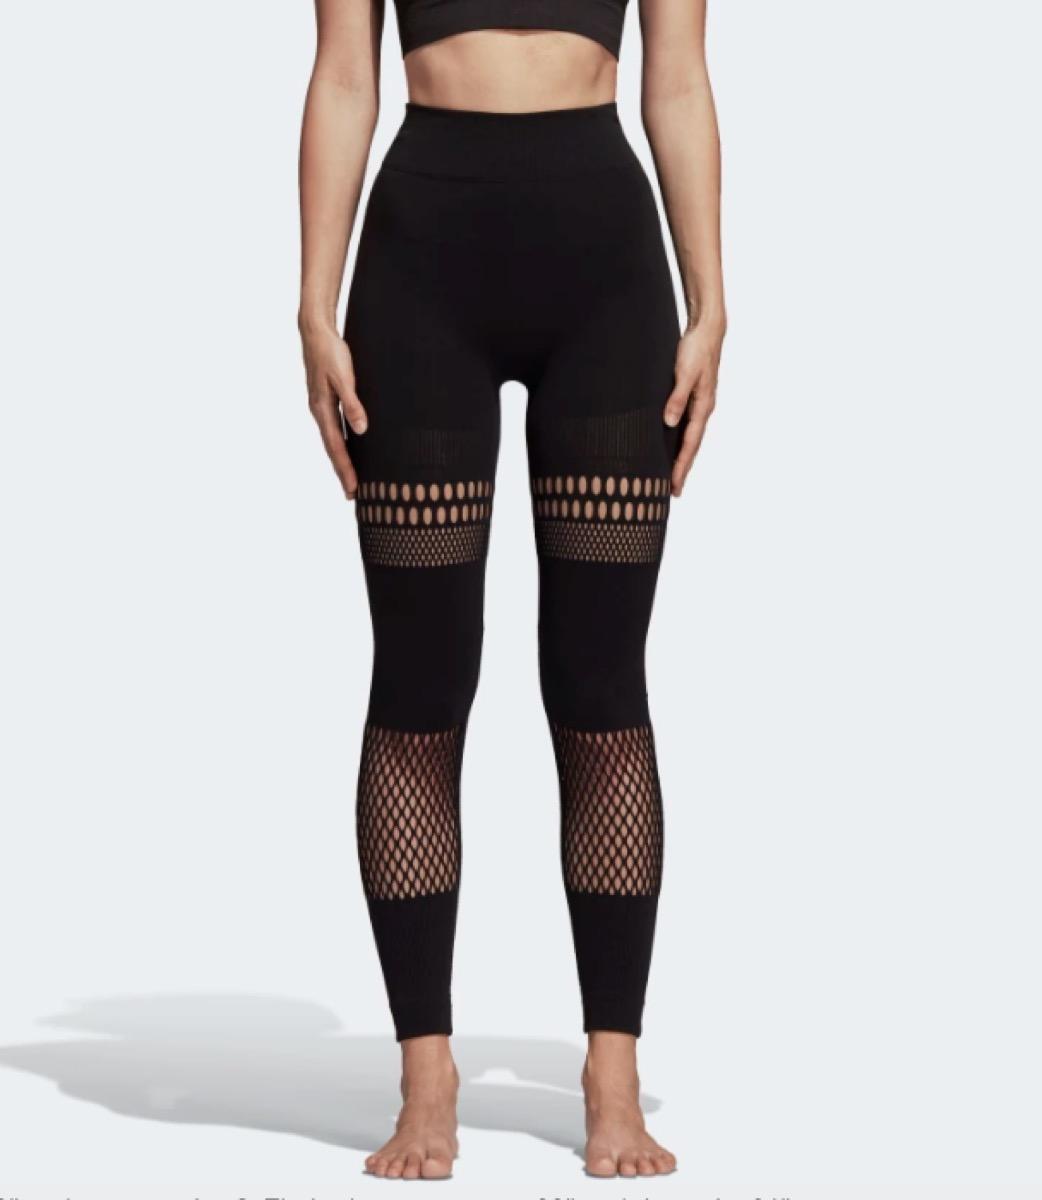 Yoga Warpknit Tights Adidas Yoga buy after holidays